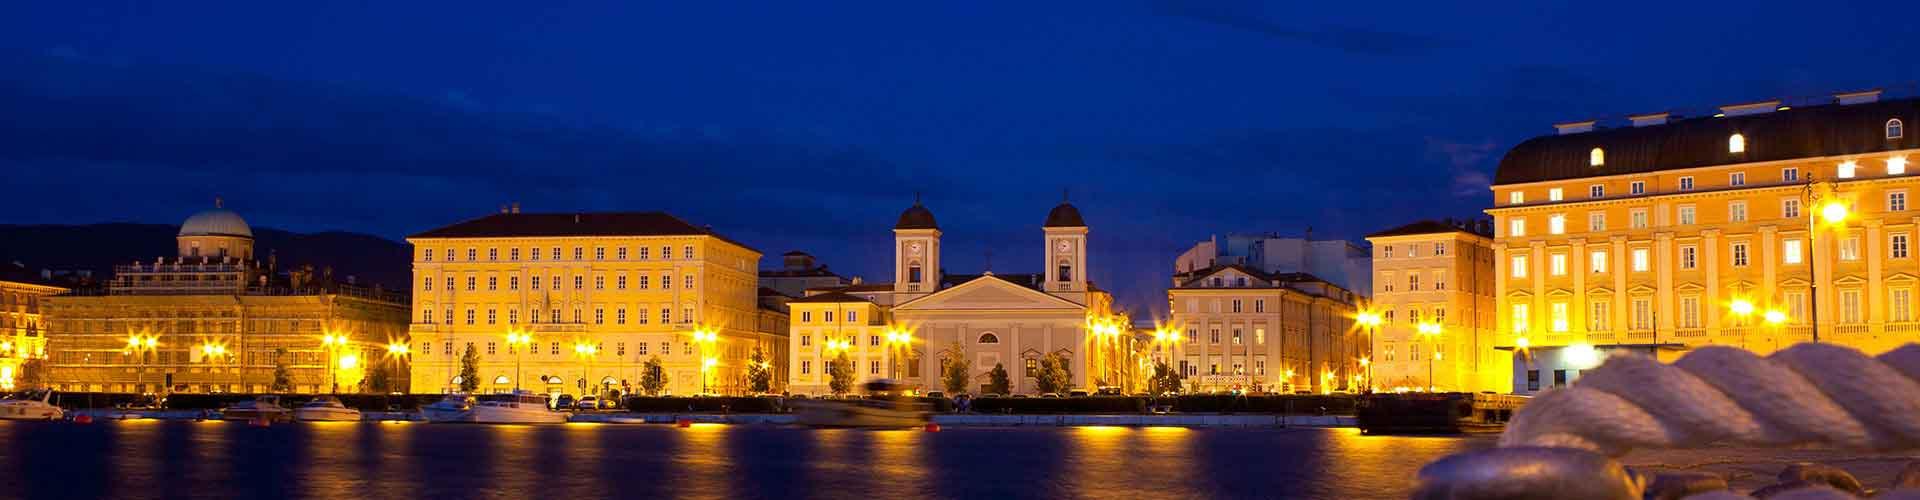 피렌체 - San Niccolò 지구의 호스텔. 피렌체의 지도, 피렌체에 위치한 호스텔 사진 및 후기 정보.